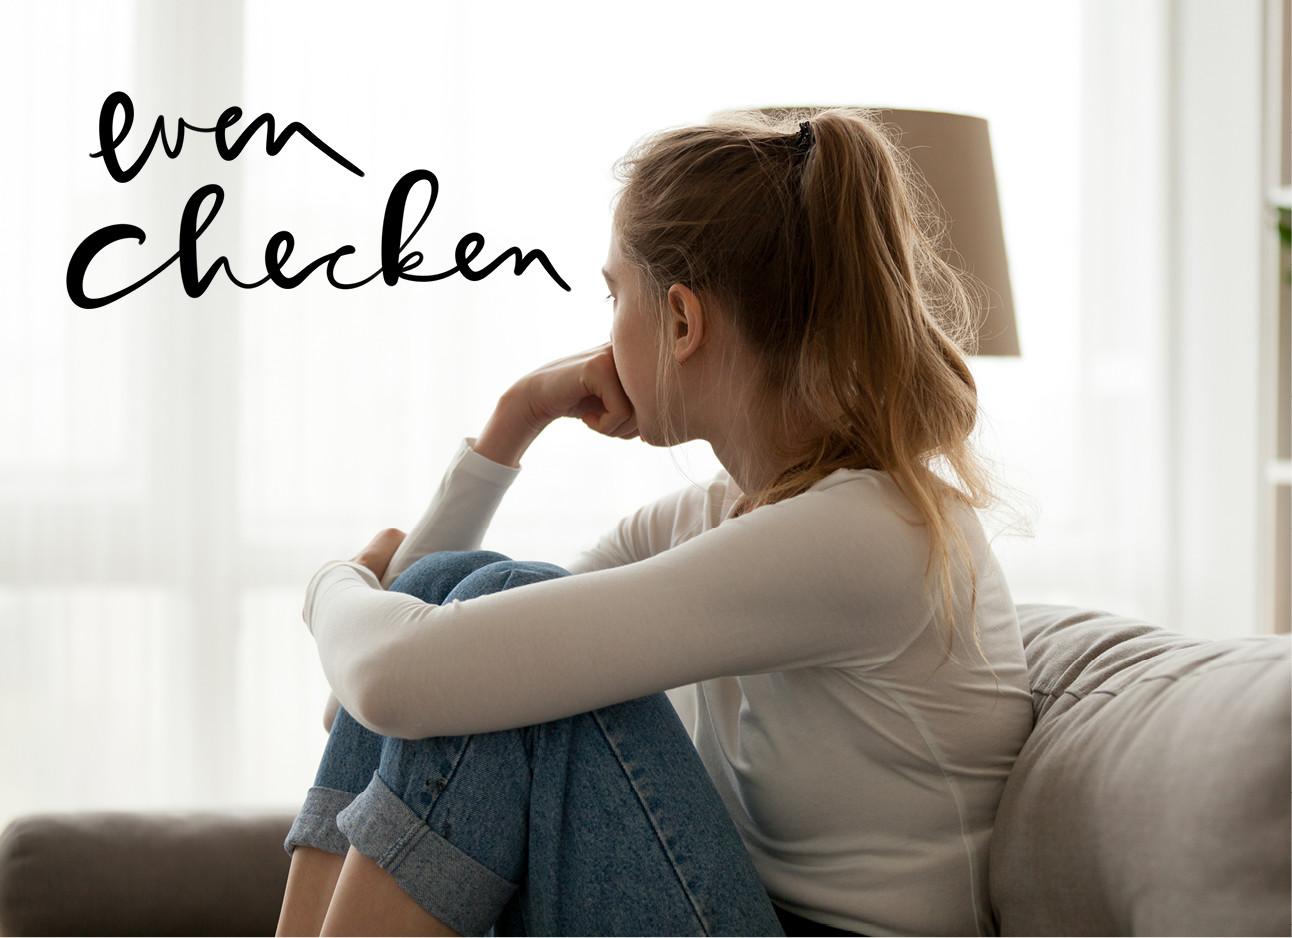 eenmeisje dat op de bank zit en naar buiten kijkt ze draagt een spijkerbroek en een witte col